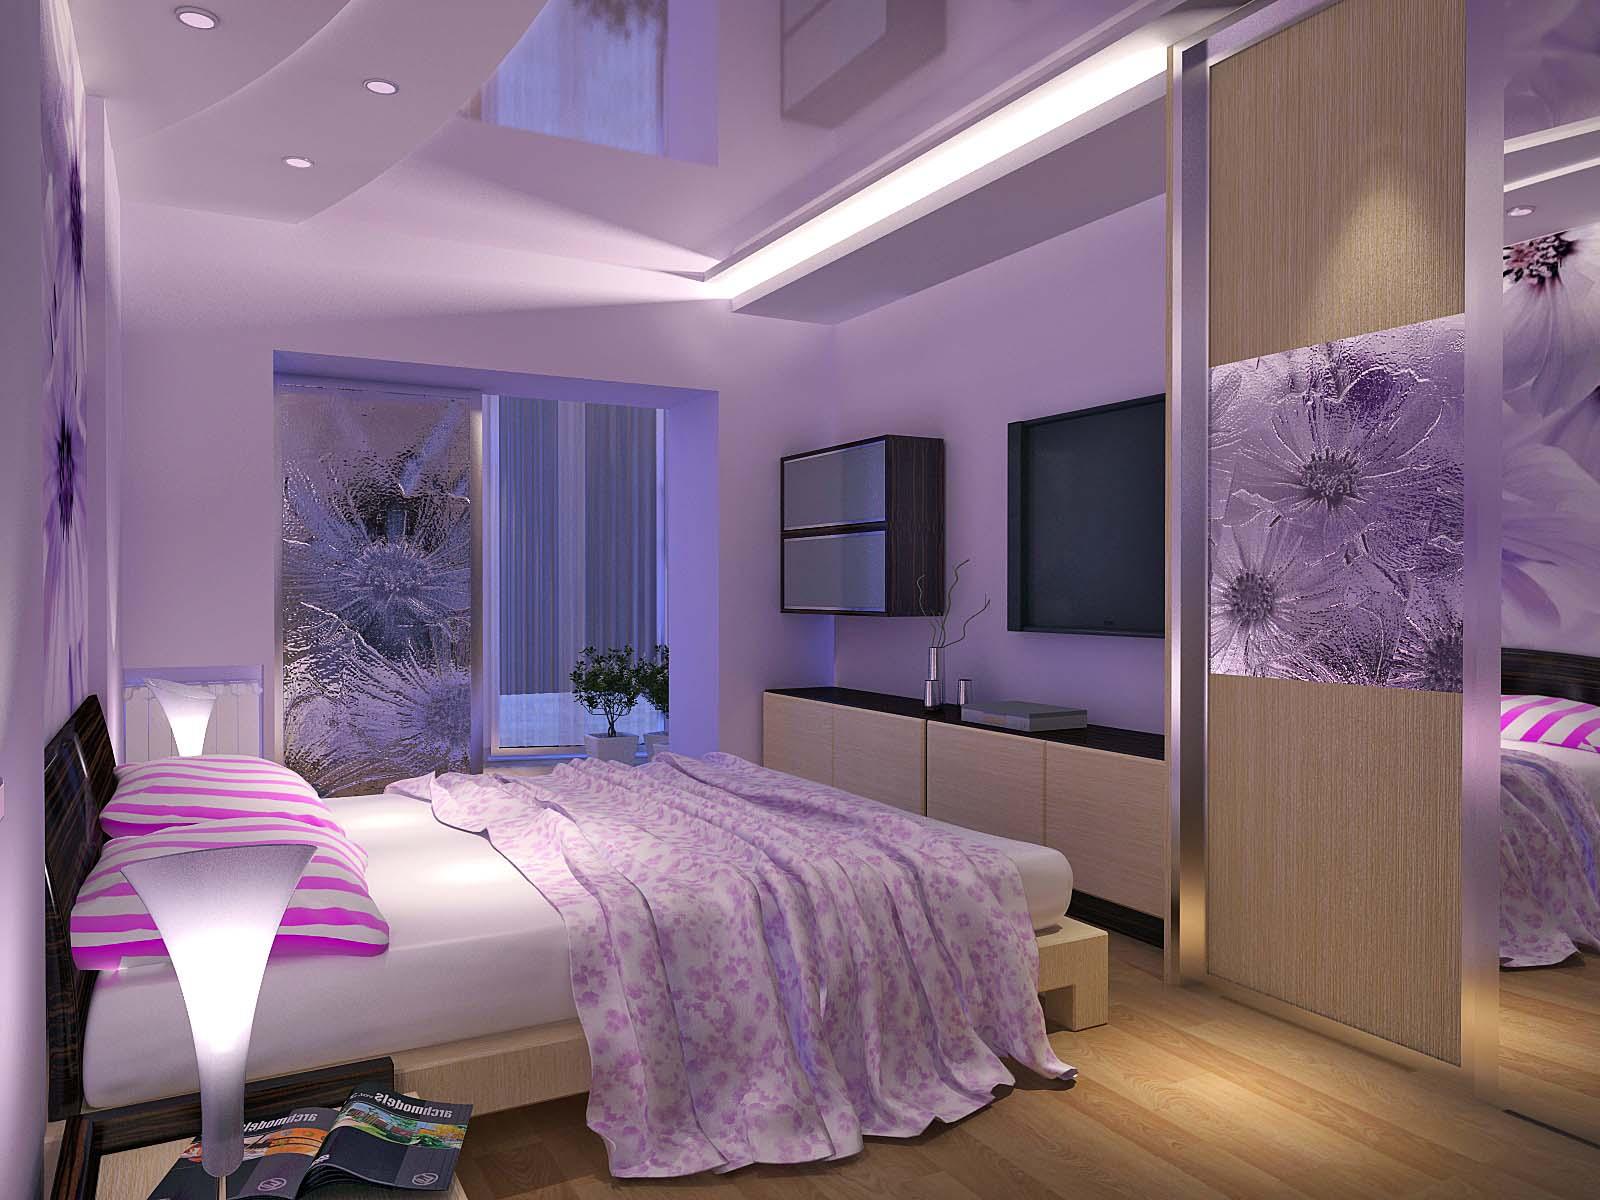 Размещение мебели в спальне по фэн-шуй